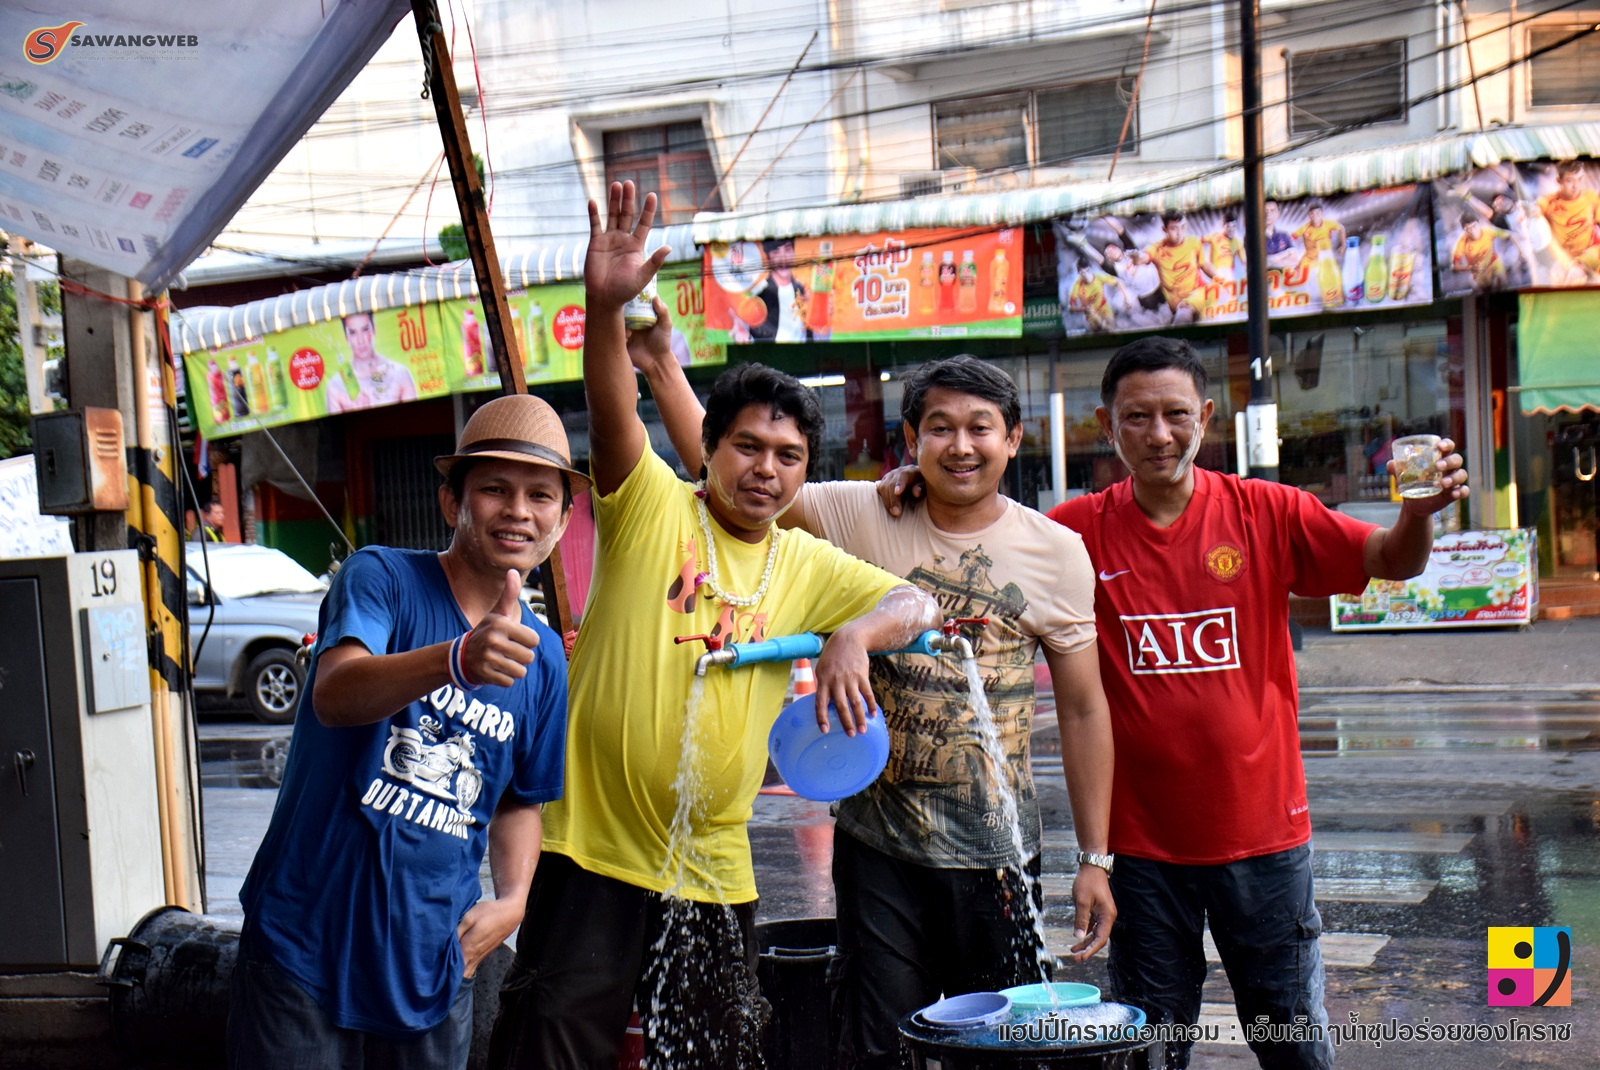 รวมภาพเก็บตก : สงกรานต์โคราช 2558 by happykorat.com [Set 2]